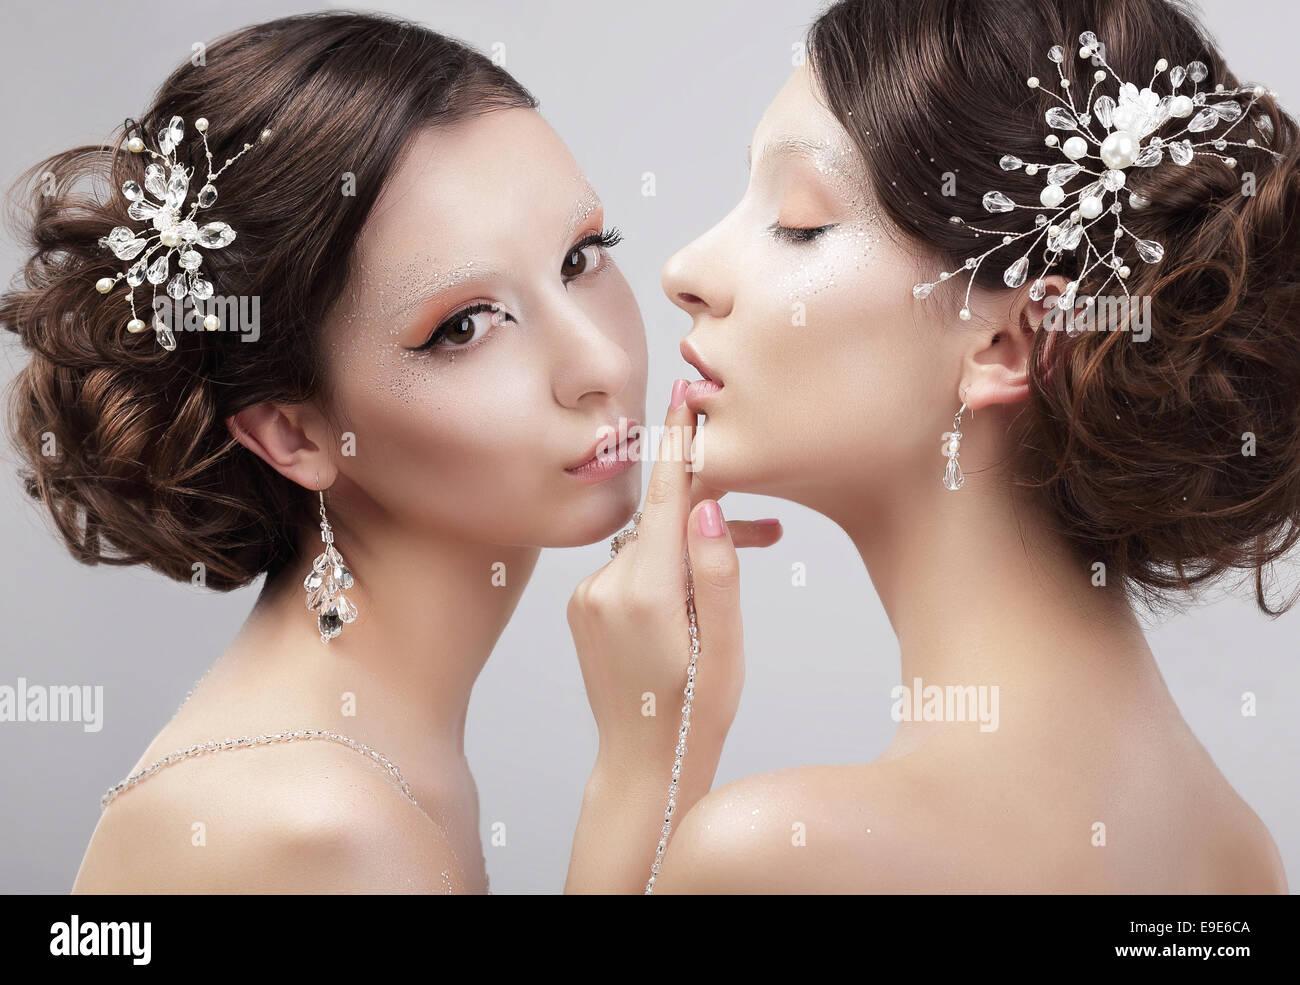 La sensualité. Deux femmes avec des modèles de mode Trendy Make-up Photo Stock